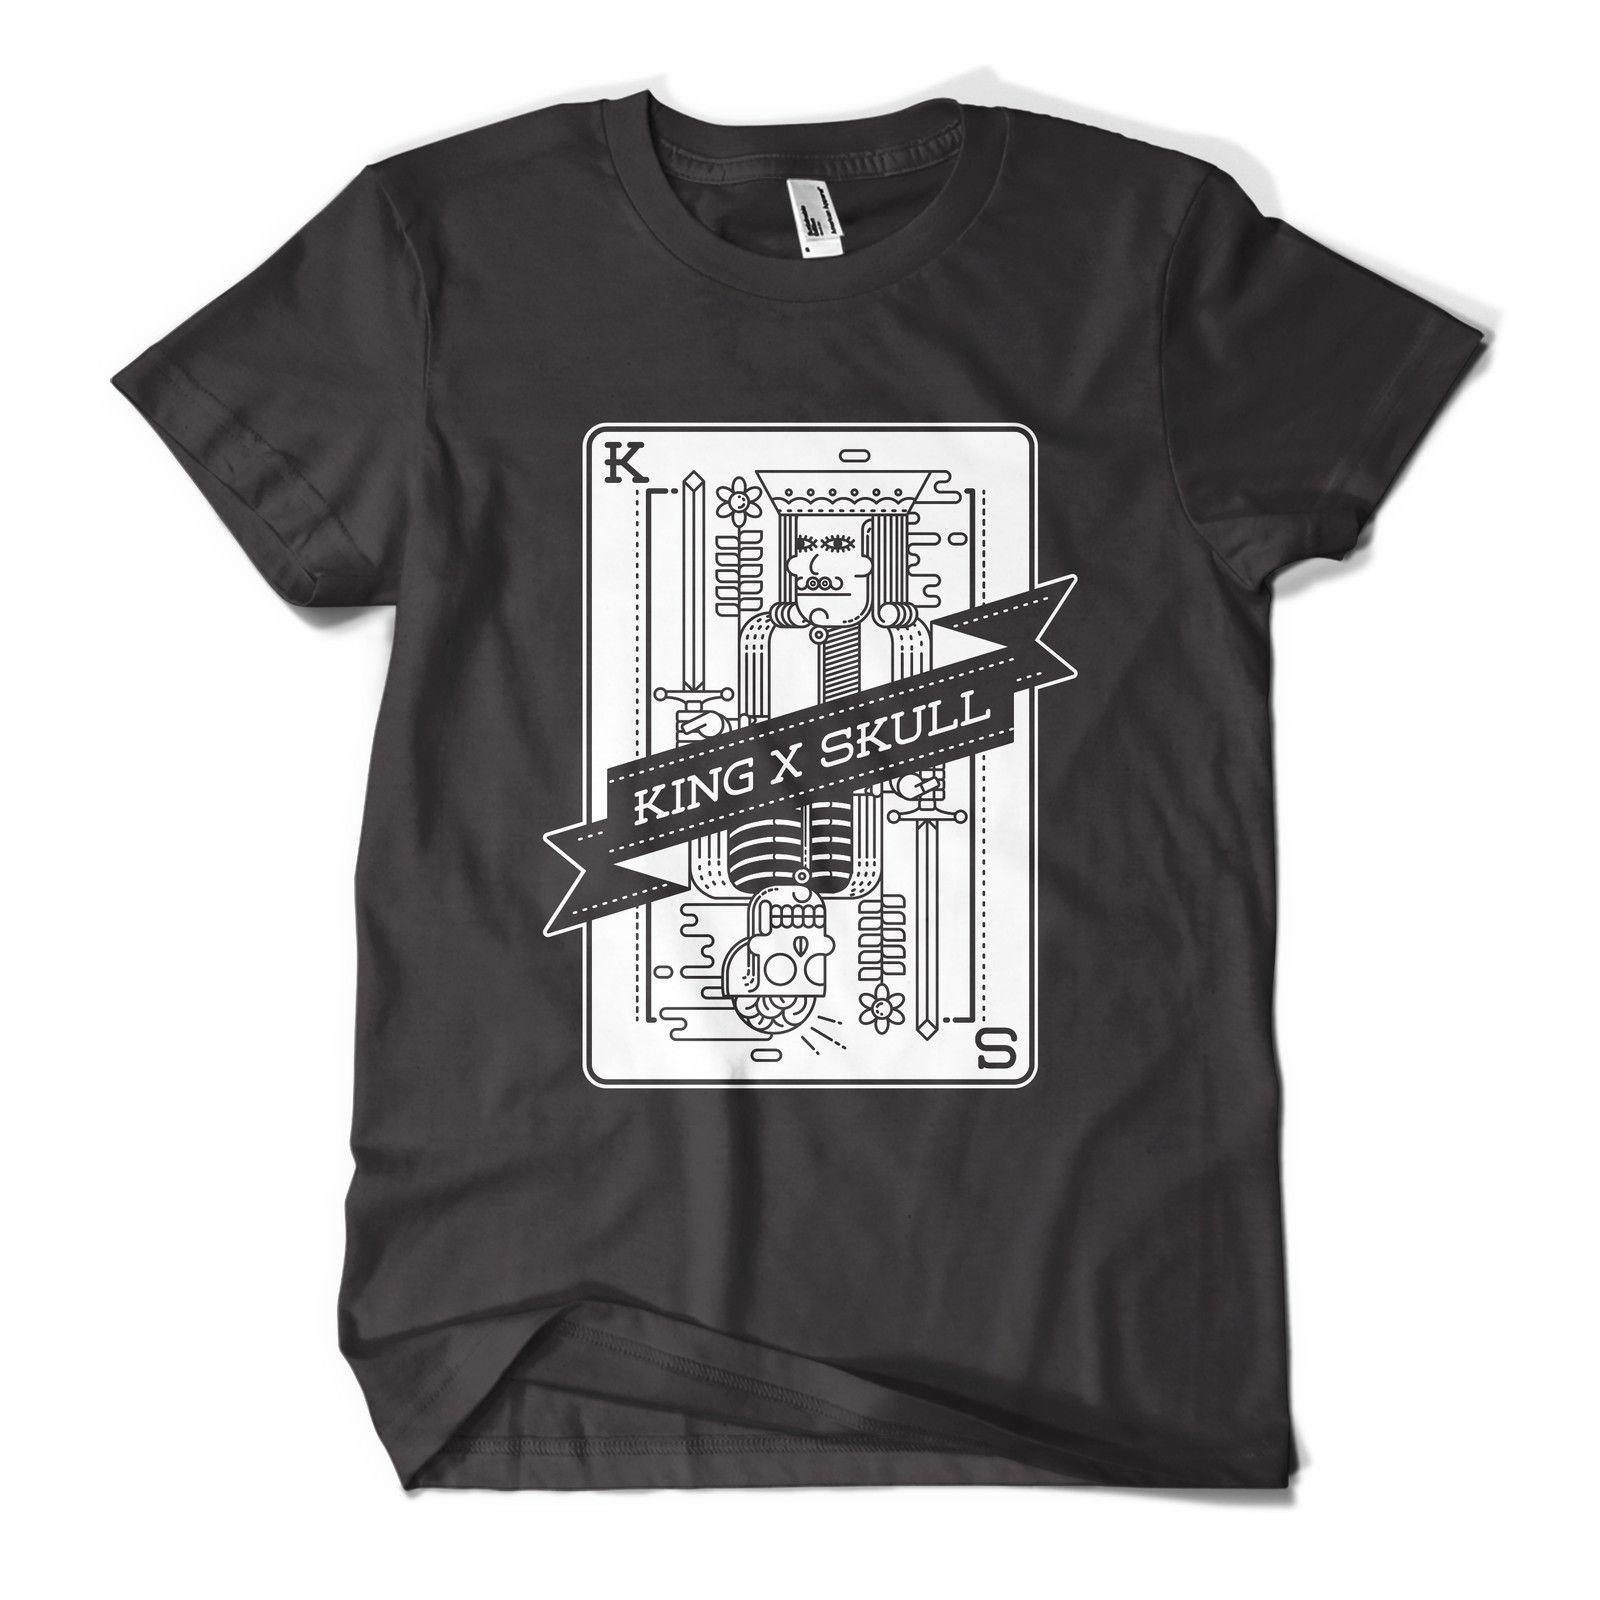 Король череп футболка мода принт инди хипстер городской дизайн мужские девушки майка Topcool повседневная гордость футболка мужчины унисекс новая мода